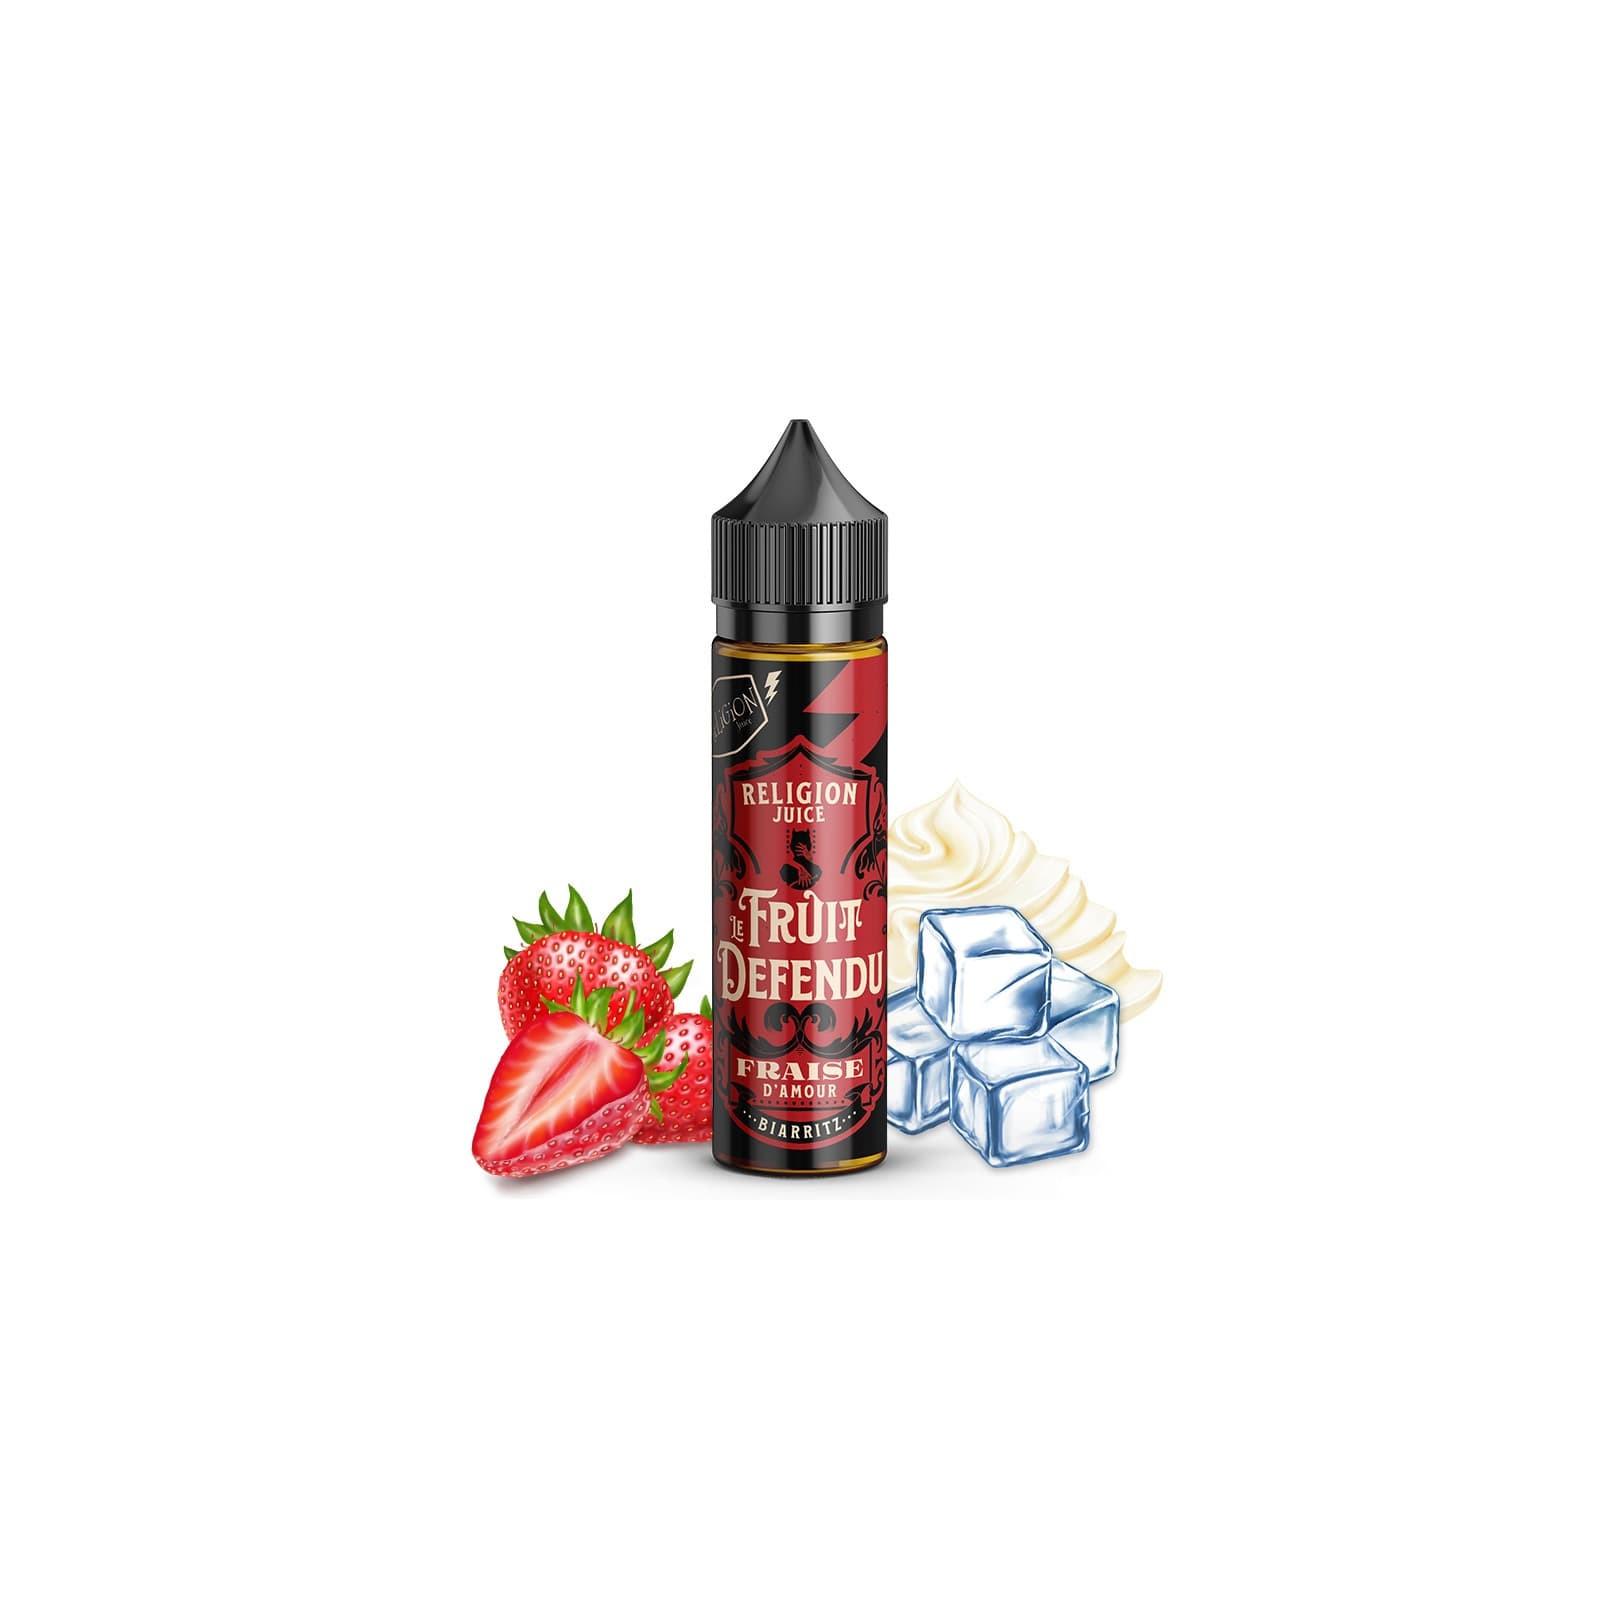 Fraise d'Amour 50ml Le Fruit Défendu - Religion Juice